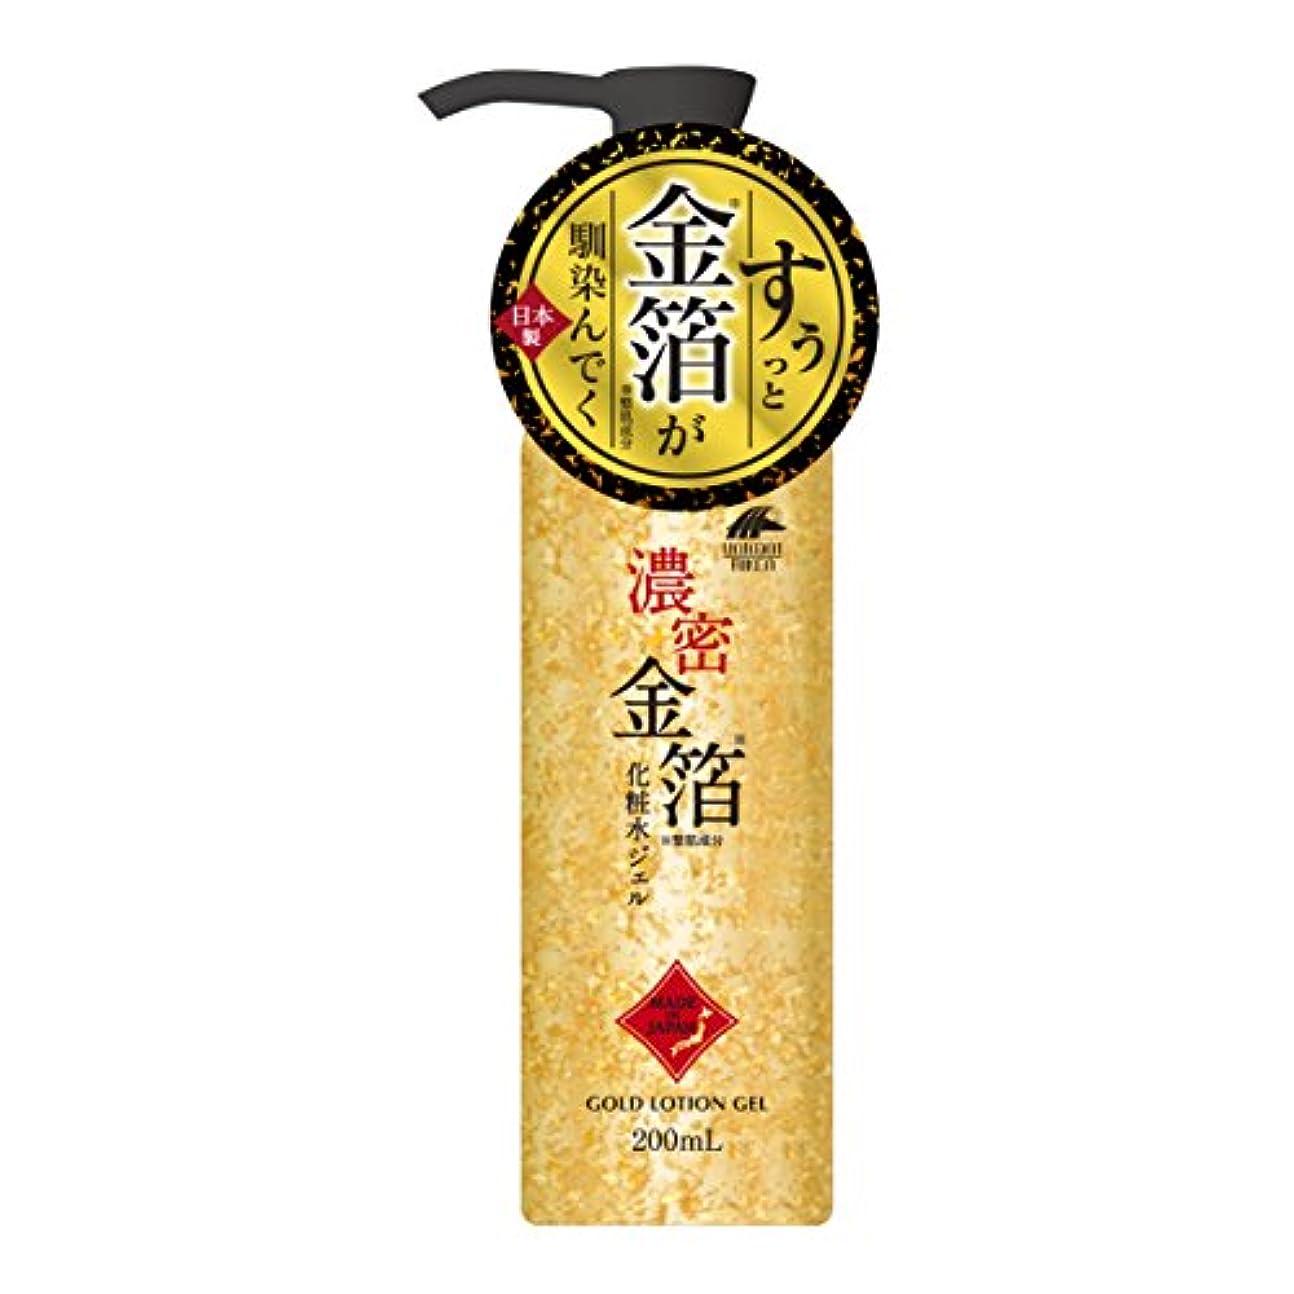 スタイルラッドヤードキップリングソファーユニマットリケン 濃密金箔化粧水ジェル 200ml